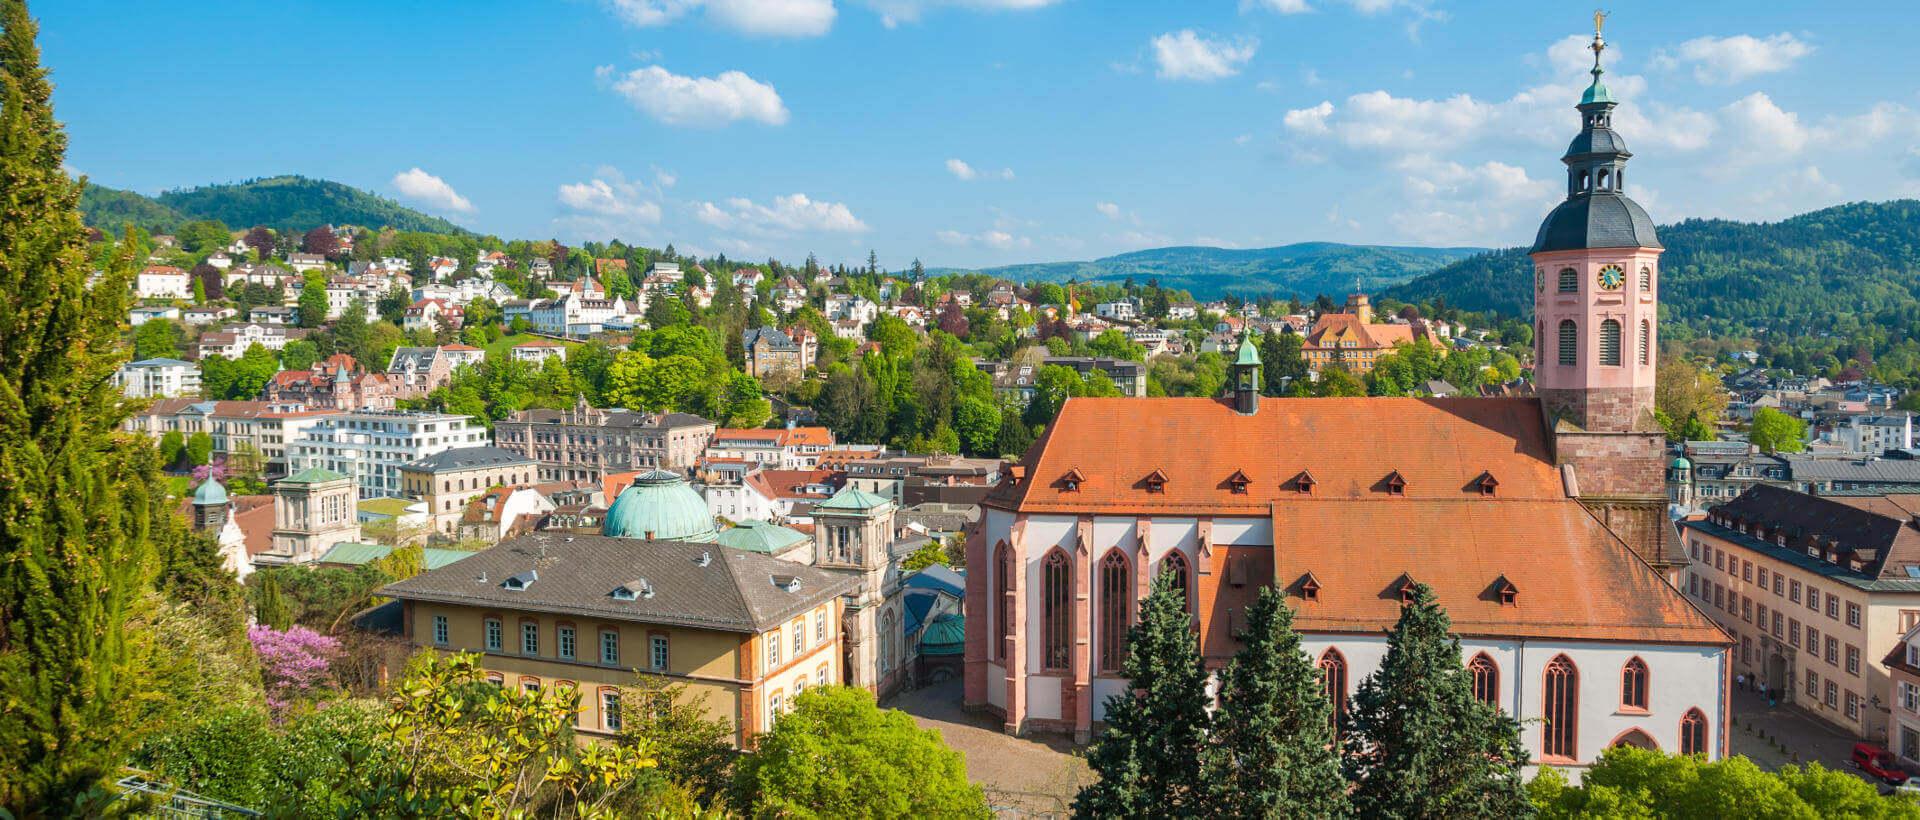 baden baden1 - Как самостоятельно путешествовать по Германии